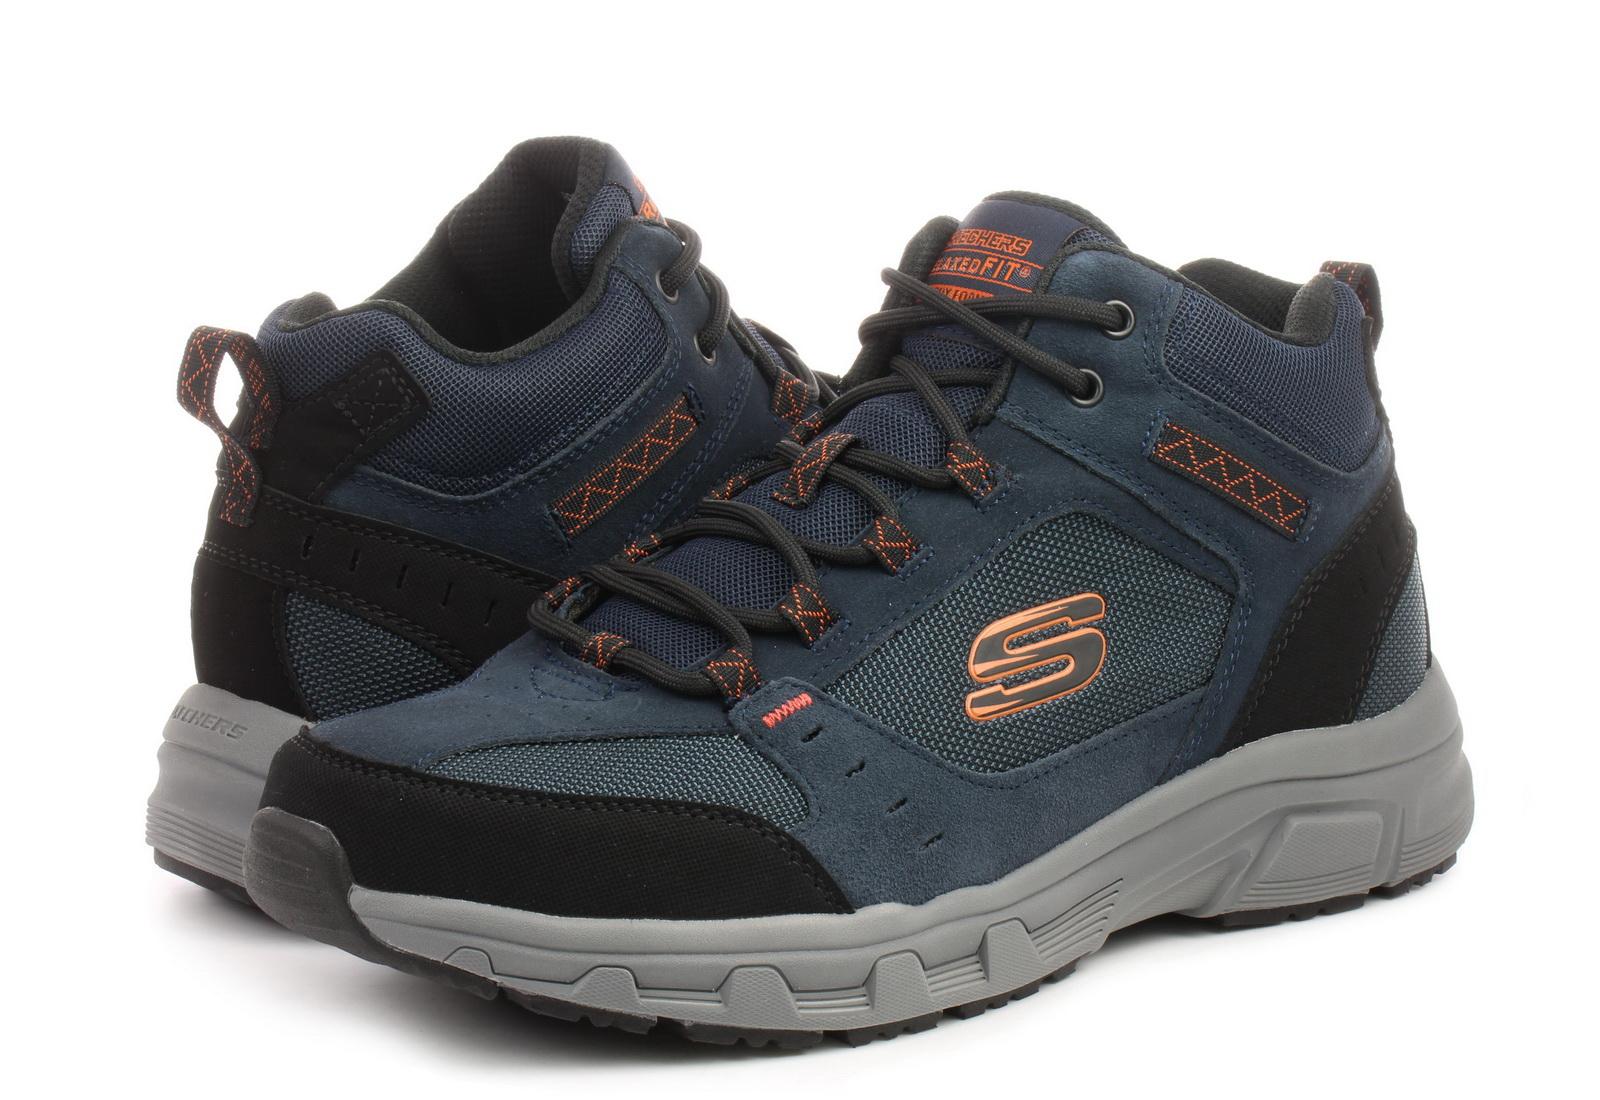 toque Tienda constante  Skechers Półbuty - Oak Canyon - Ironhide - 51895-NVOR - Obuwie i buty  damskie, męskie, dziecięce w Office Shoes